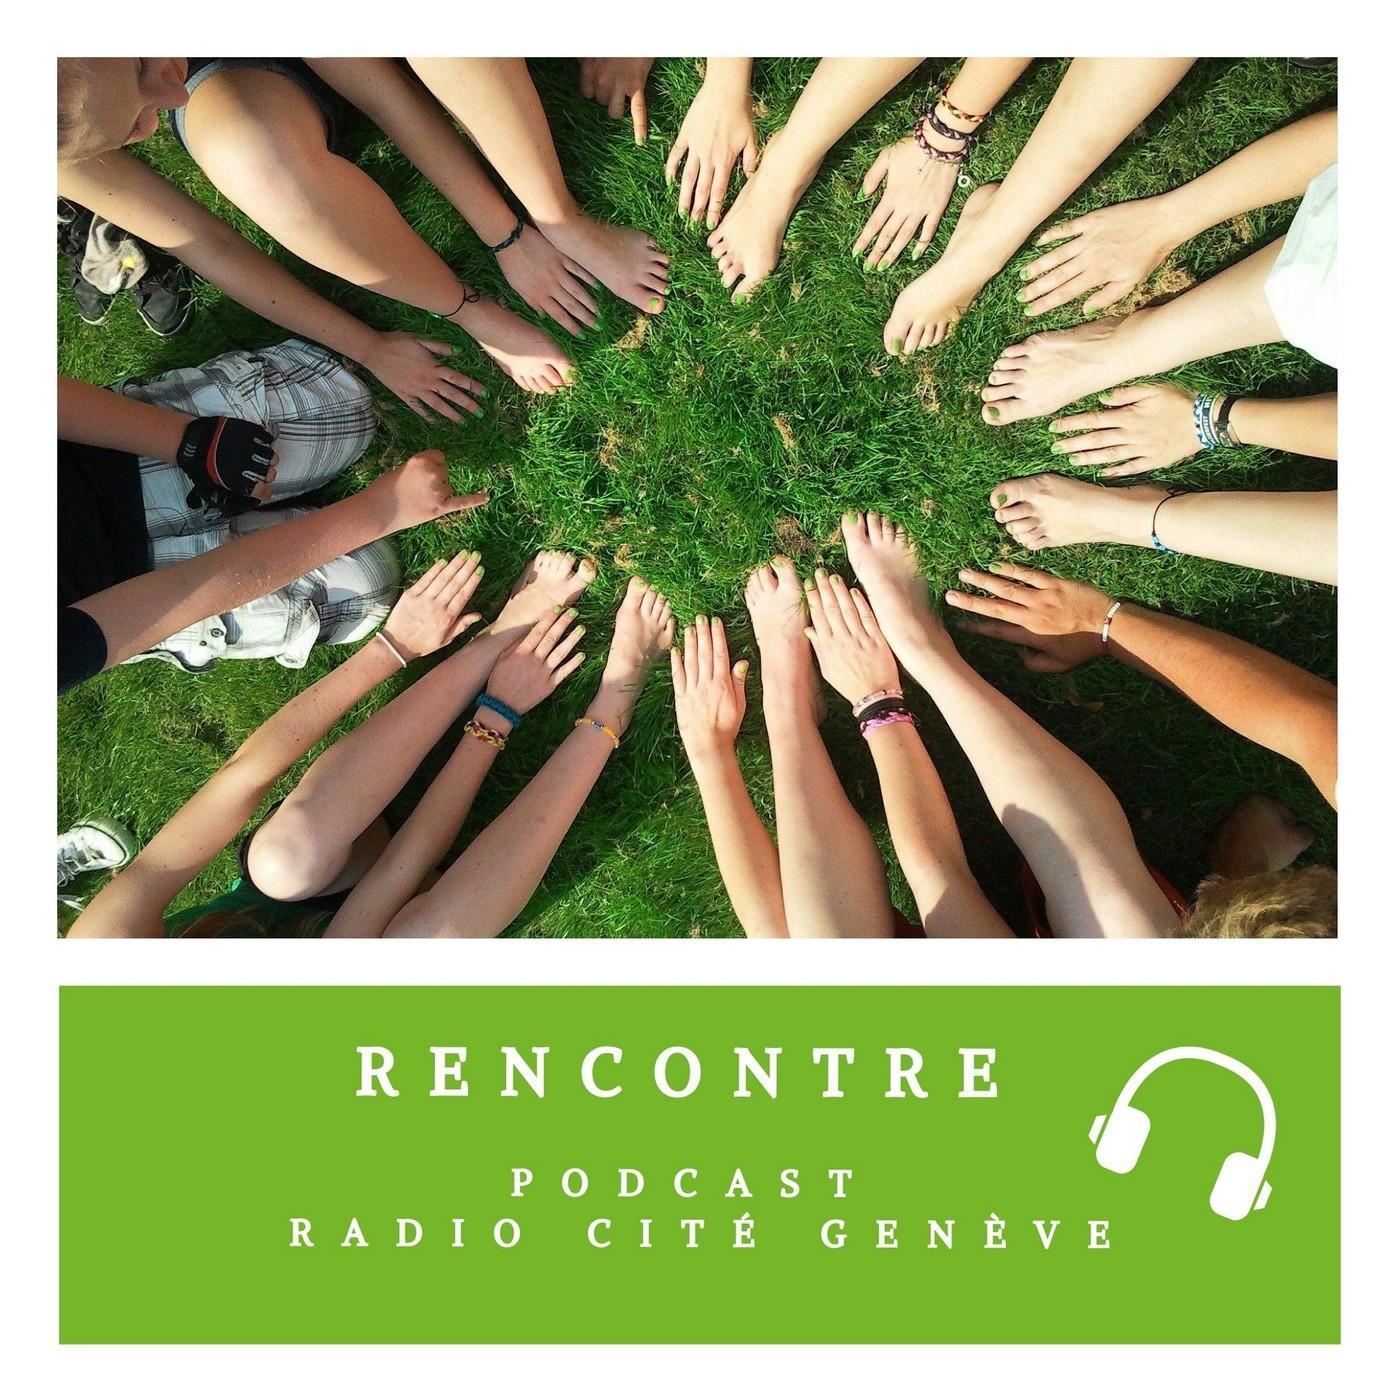 Rencontre du 24/09/21 - Mathilde Roch